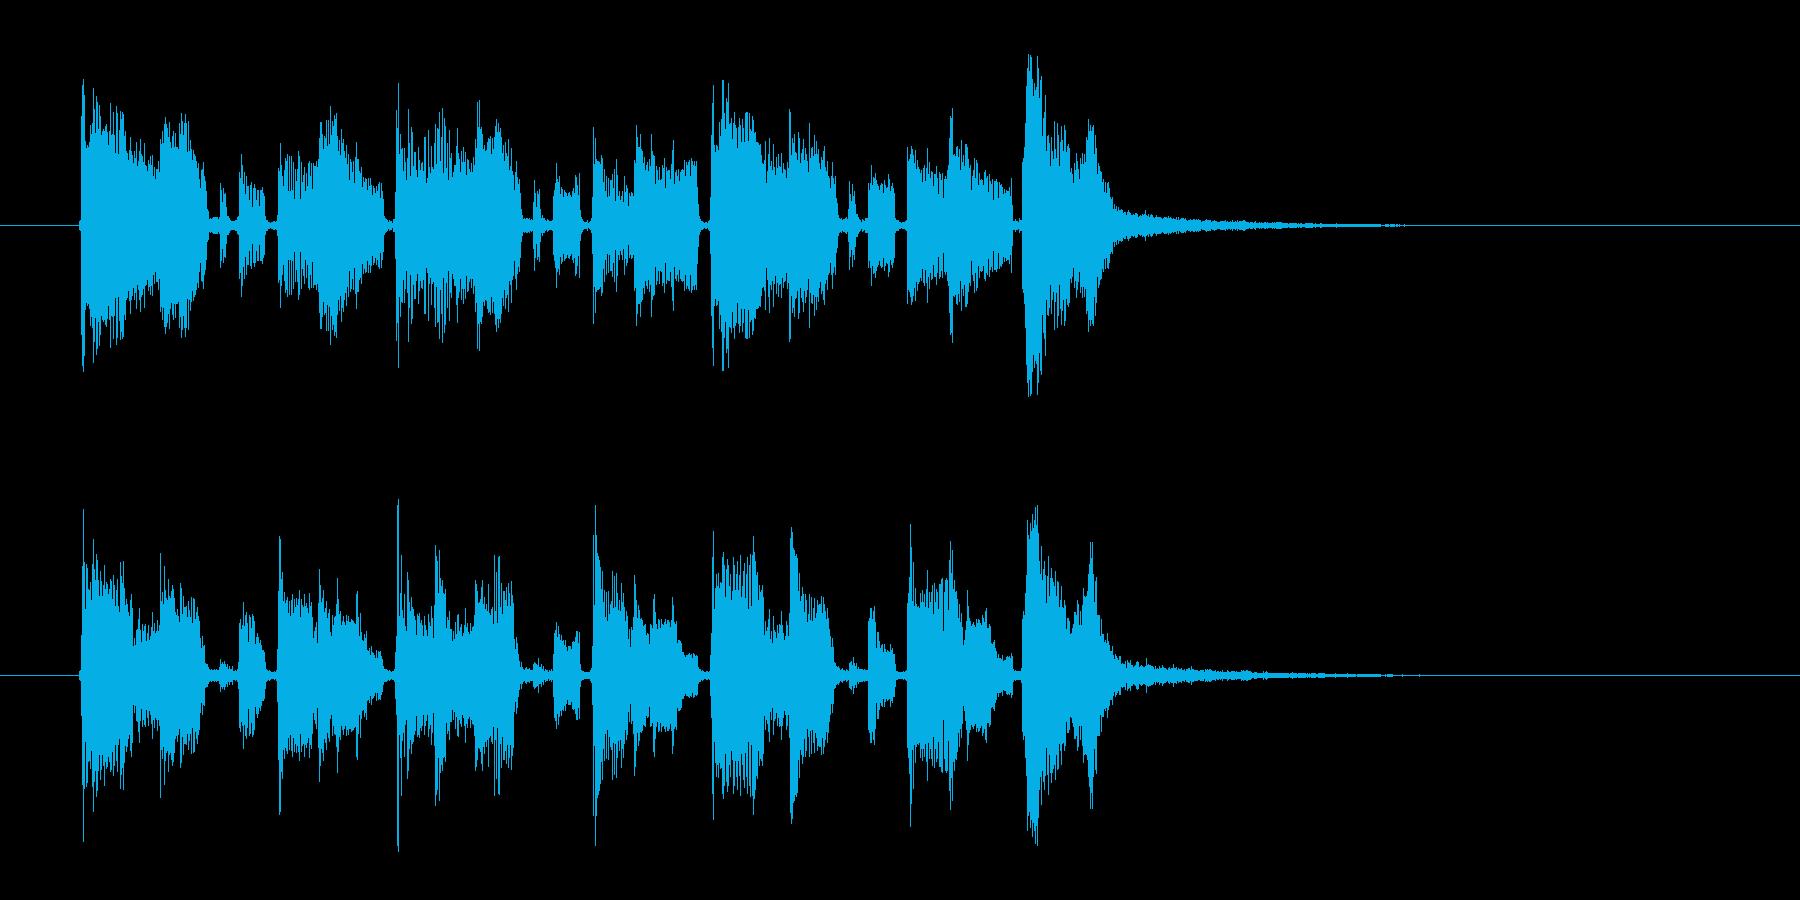 明るくおしゃれなギターサウンドの再生済みの波形